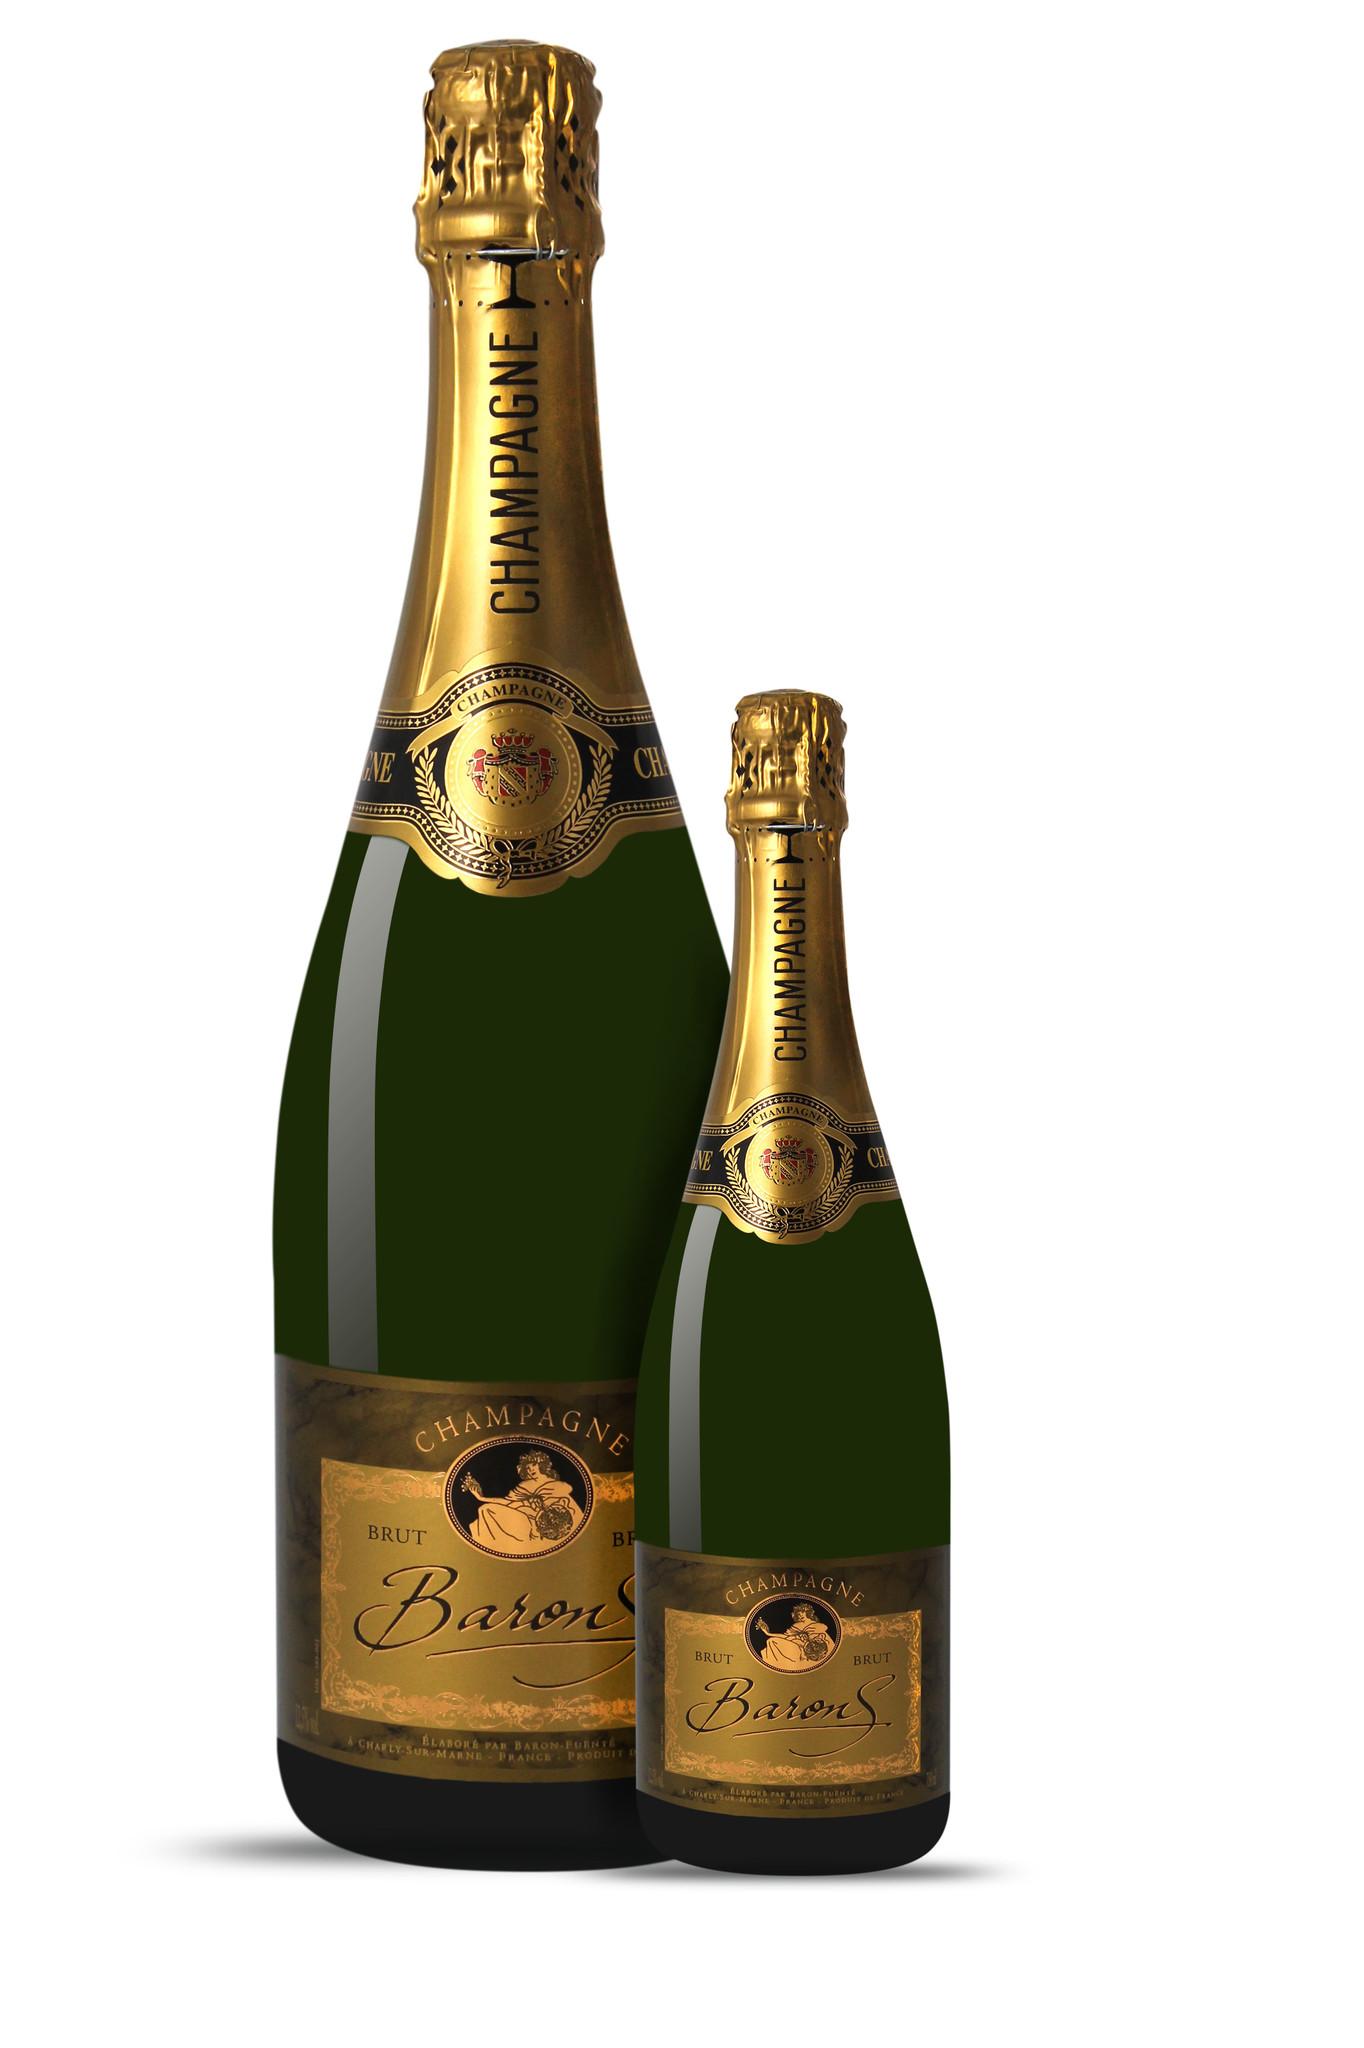 Champagne Baron's Grande Reserve  Brut-2